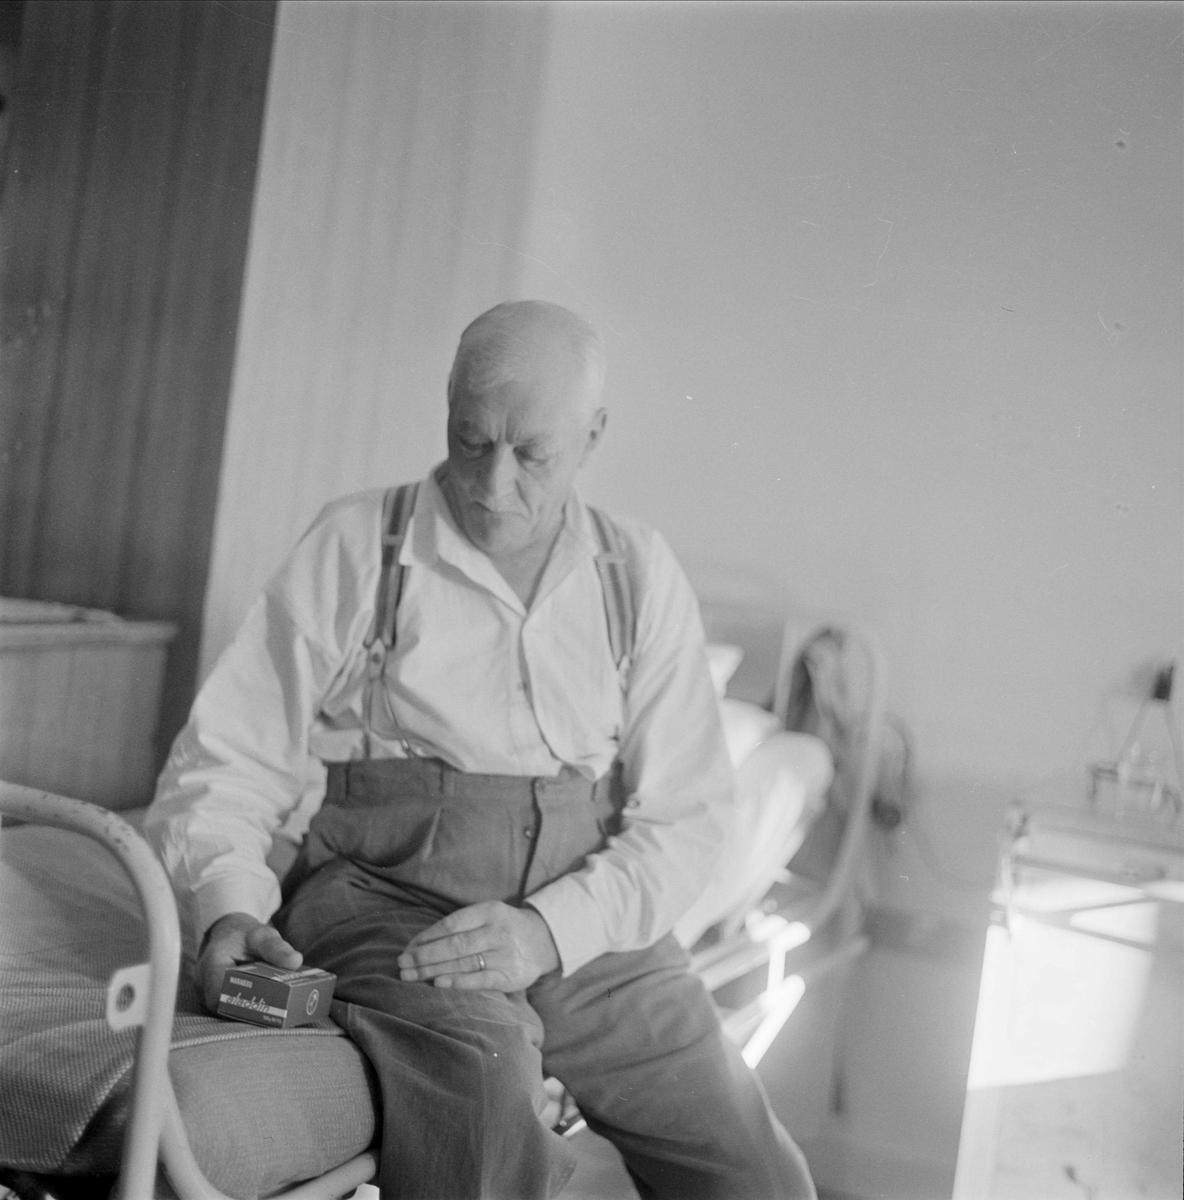 Patient på Akademiska sjukhuset, stadsdelen Fjärdingen, Uppsala